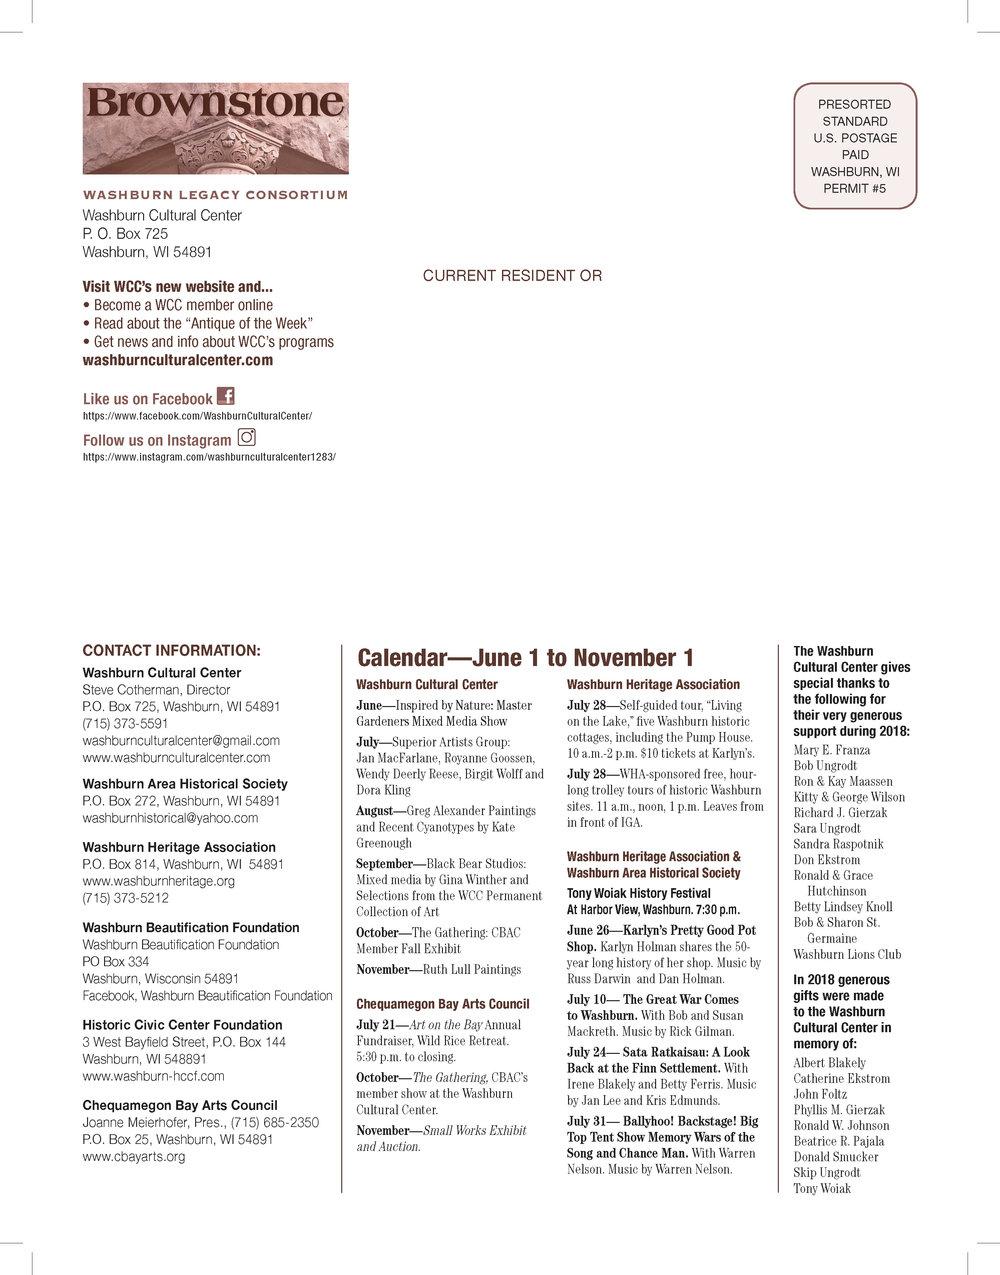 Brownstone_5.14.18_FINAL_crops_Page_4.jpg